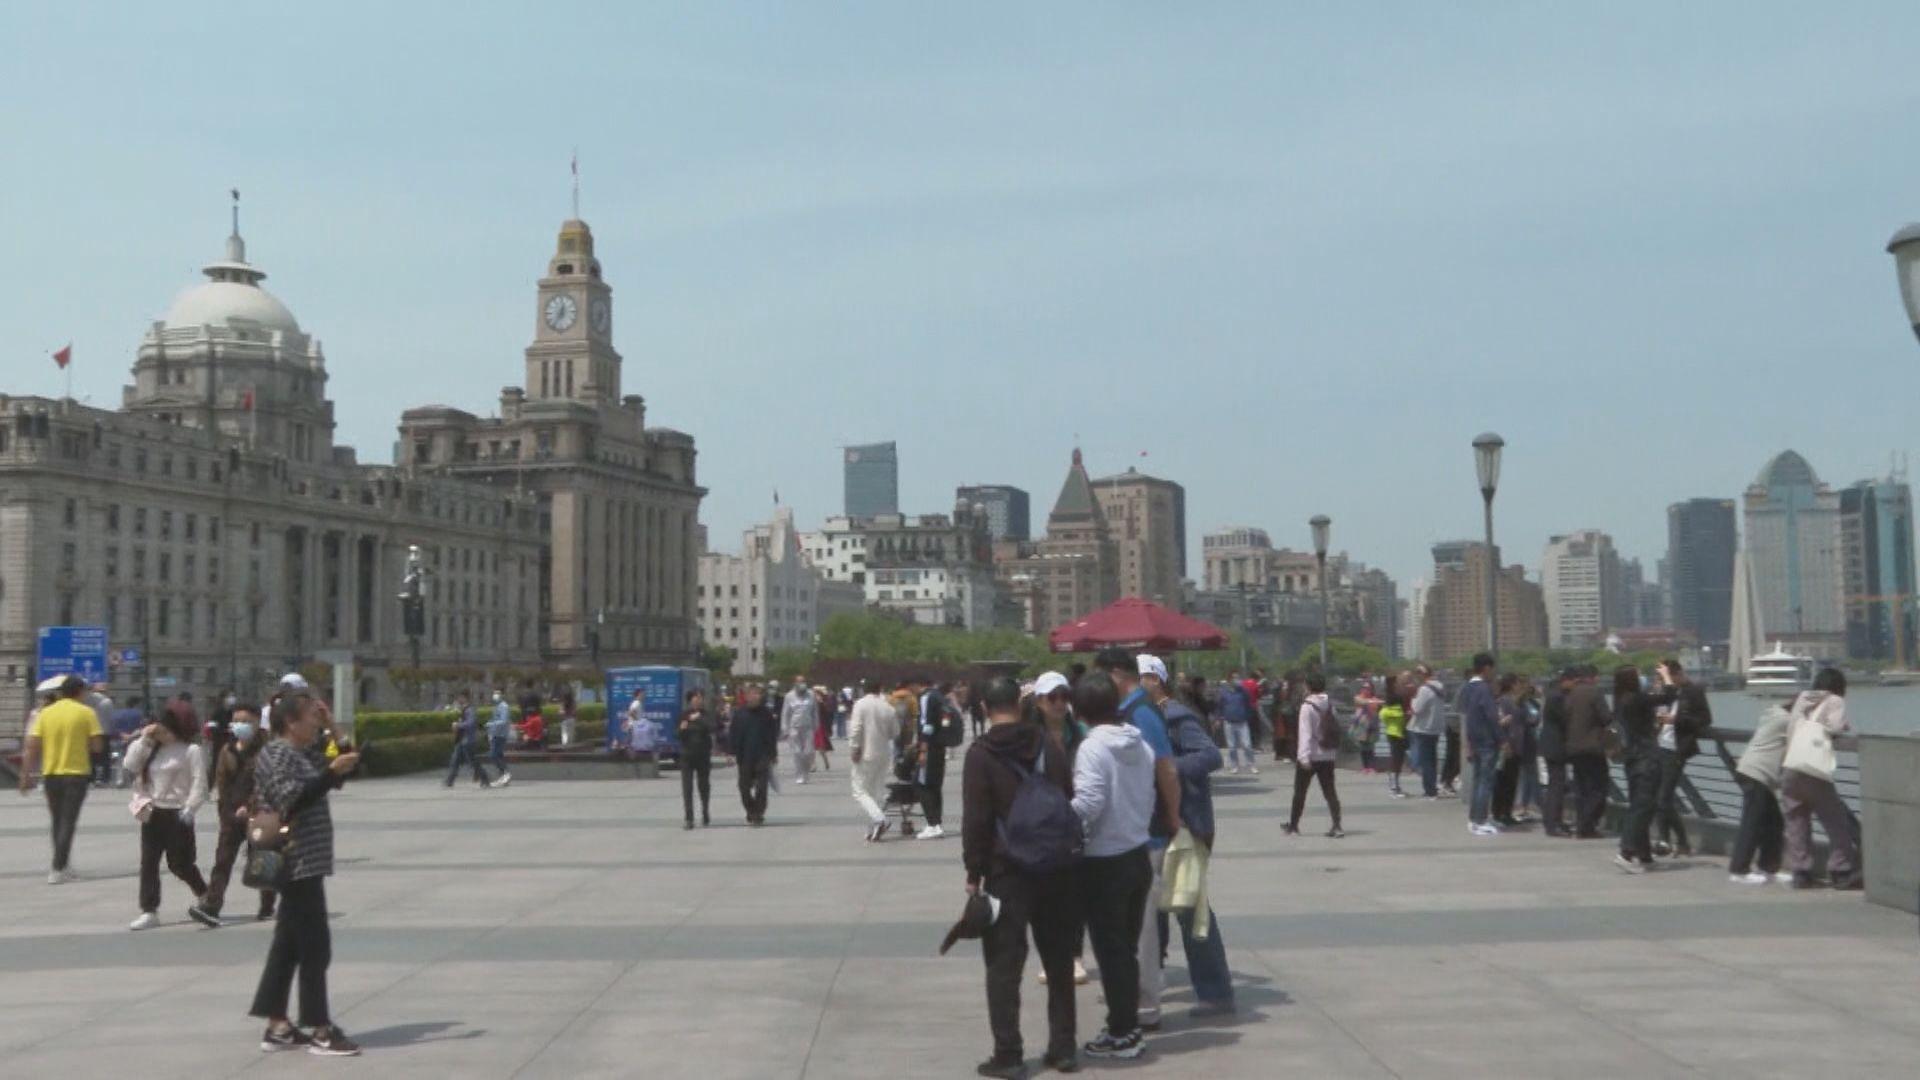 中國人口普查被質疑矛盾 當局指部份數據透過抽樣推算